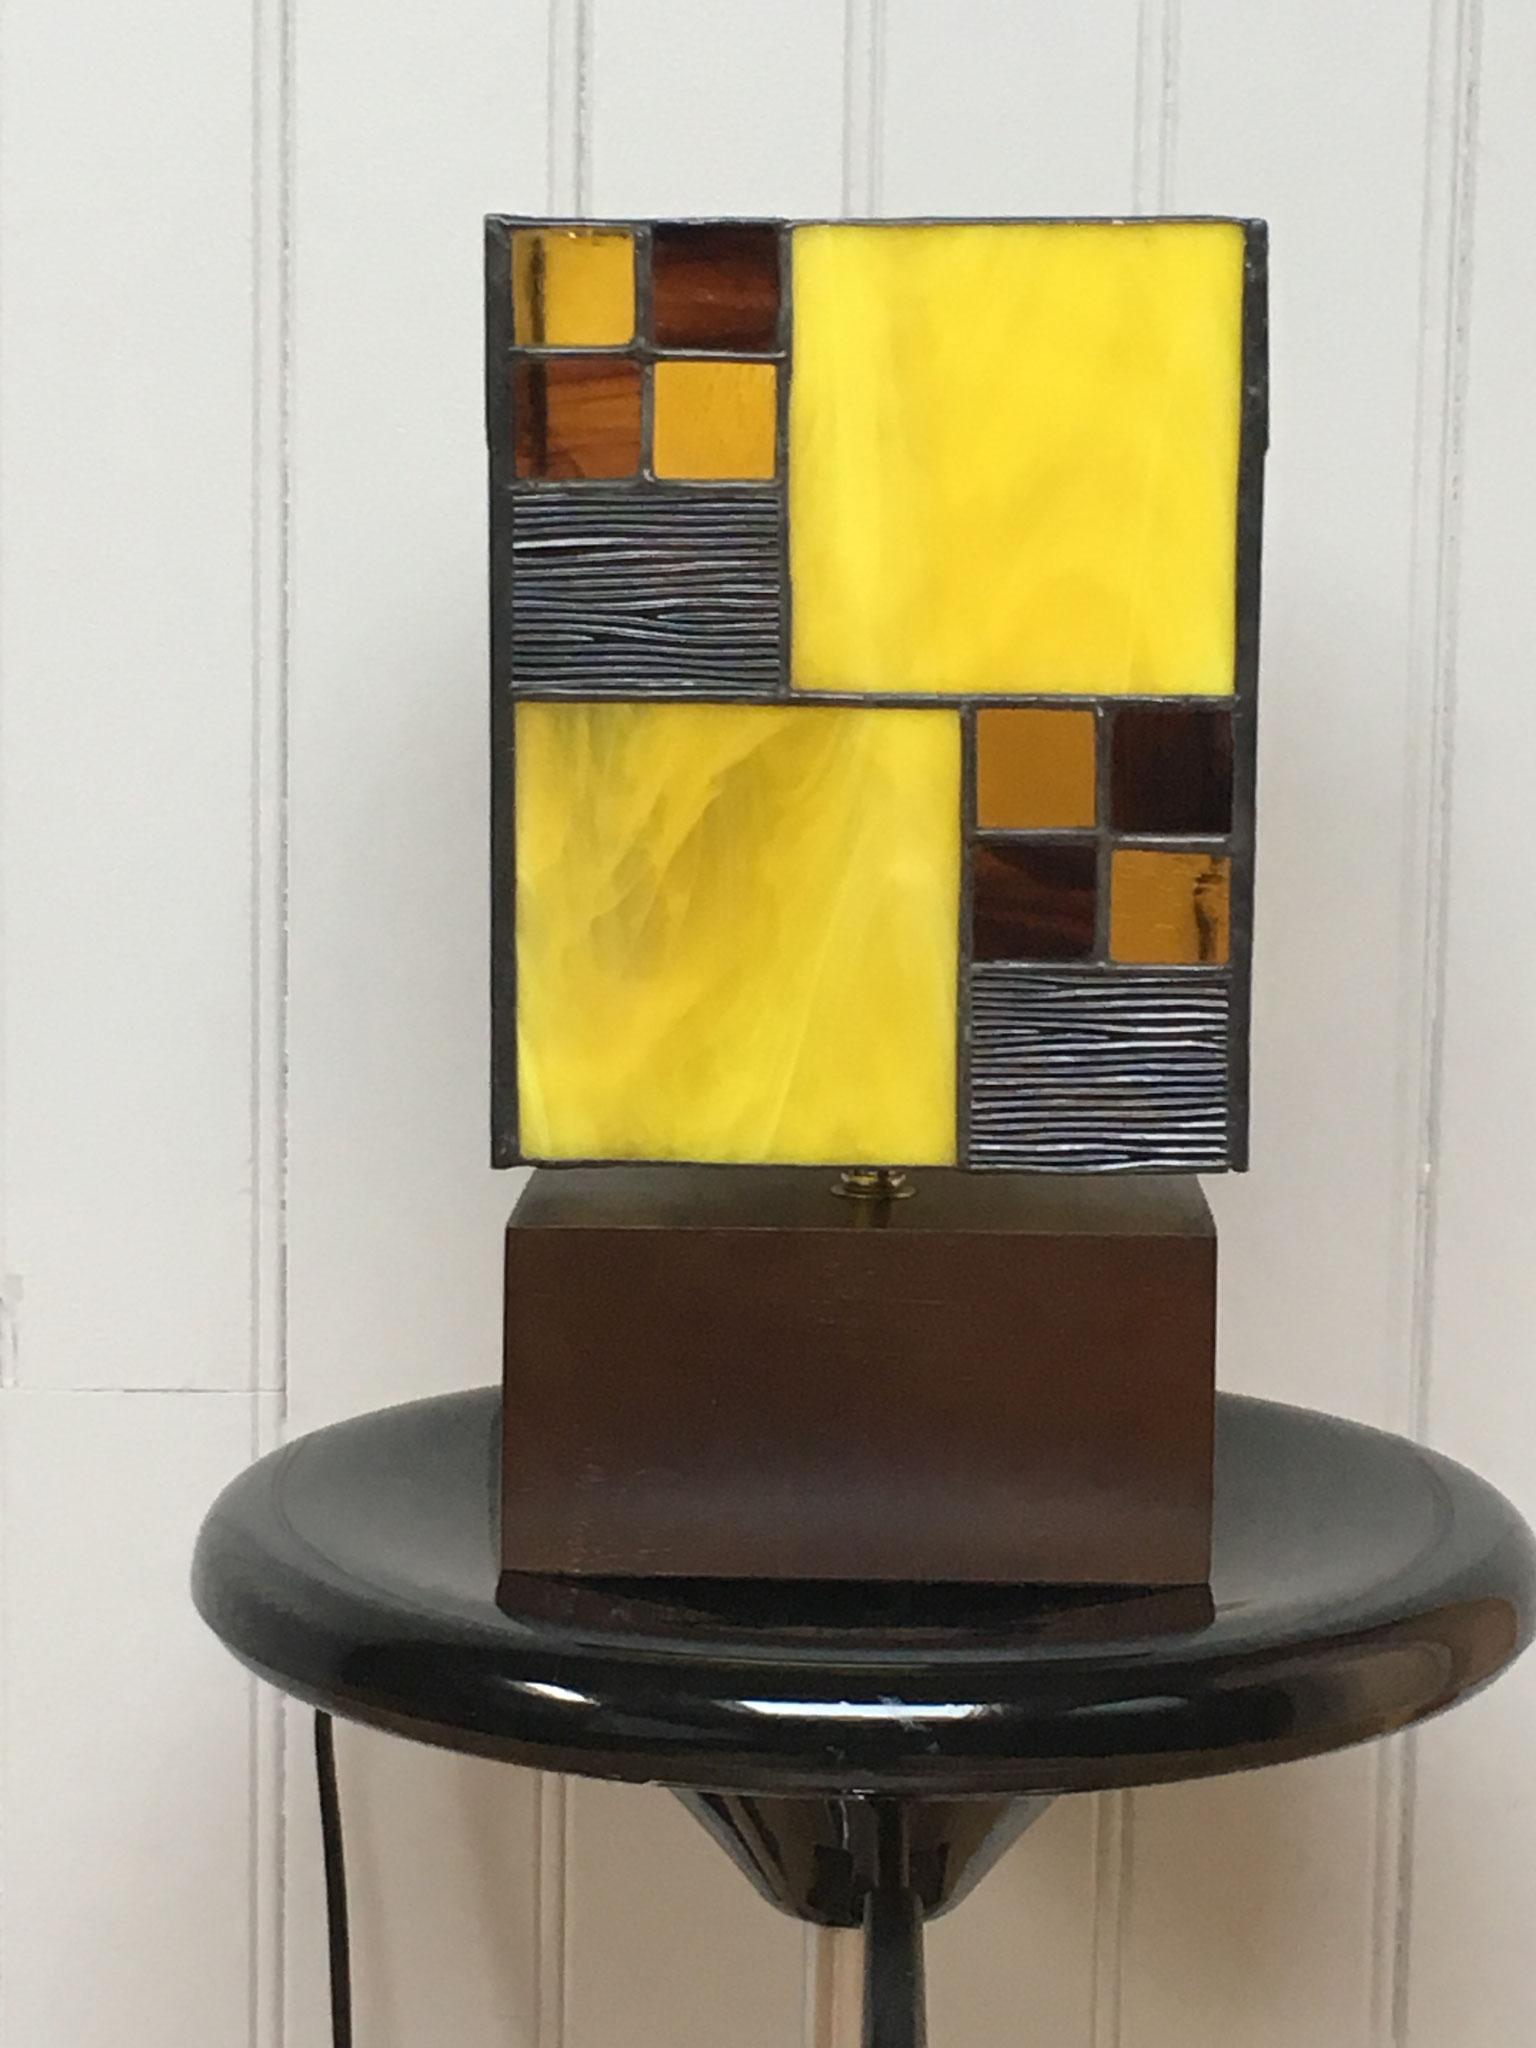 Lampe réalisée en Tiffany sur socle en bois (ht totale 31cm, l 17cm) Vue de face éteinte 95€